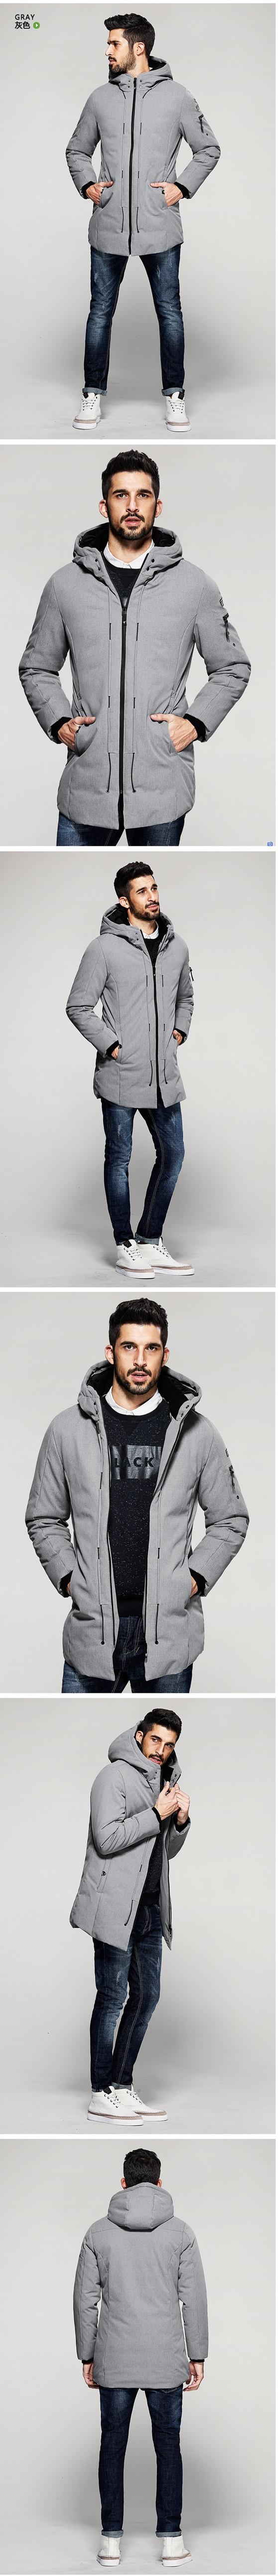 รองเท้าชาย เสื้อแจ็คเก็ตกันหนาวคลุมยาวมีหมวก KUEGOU